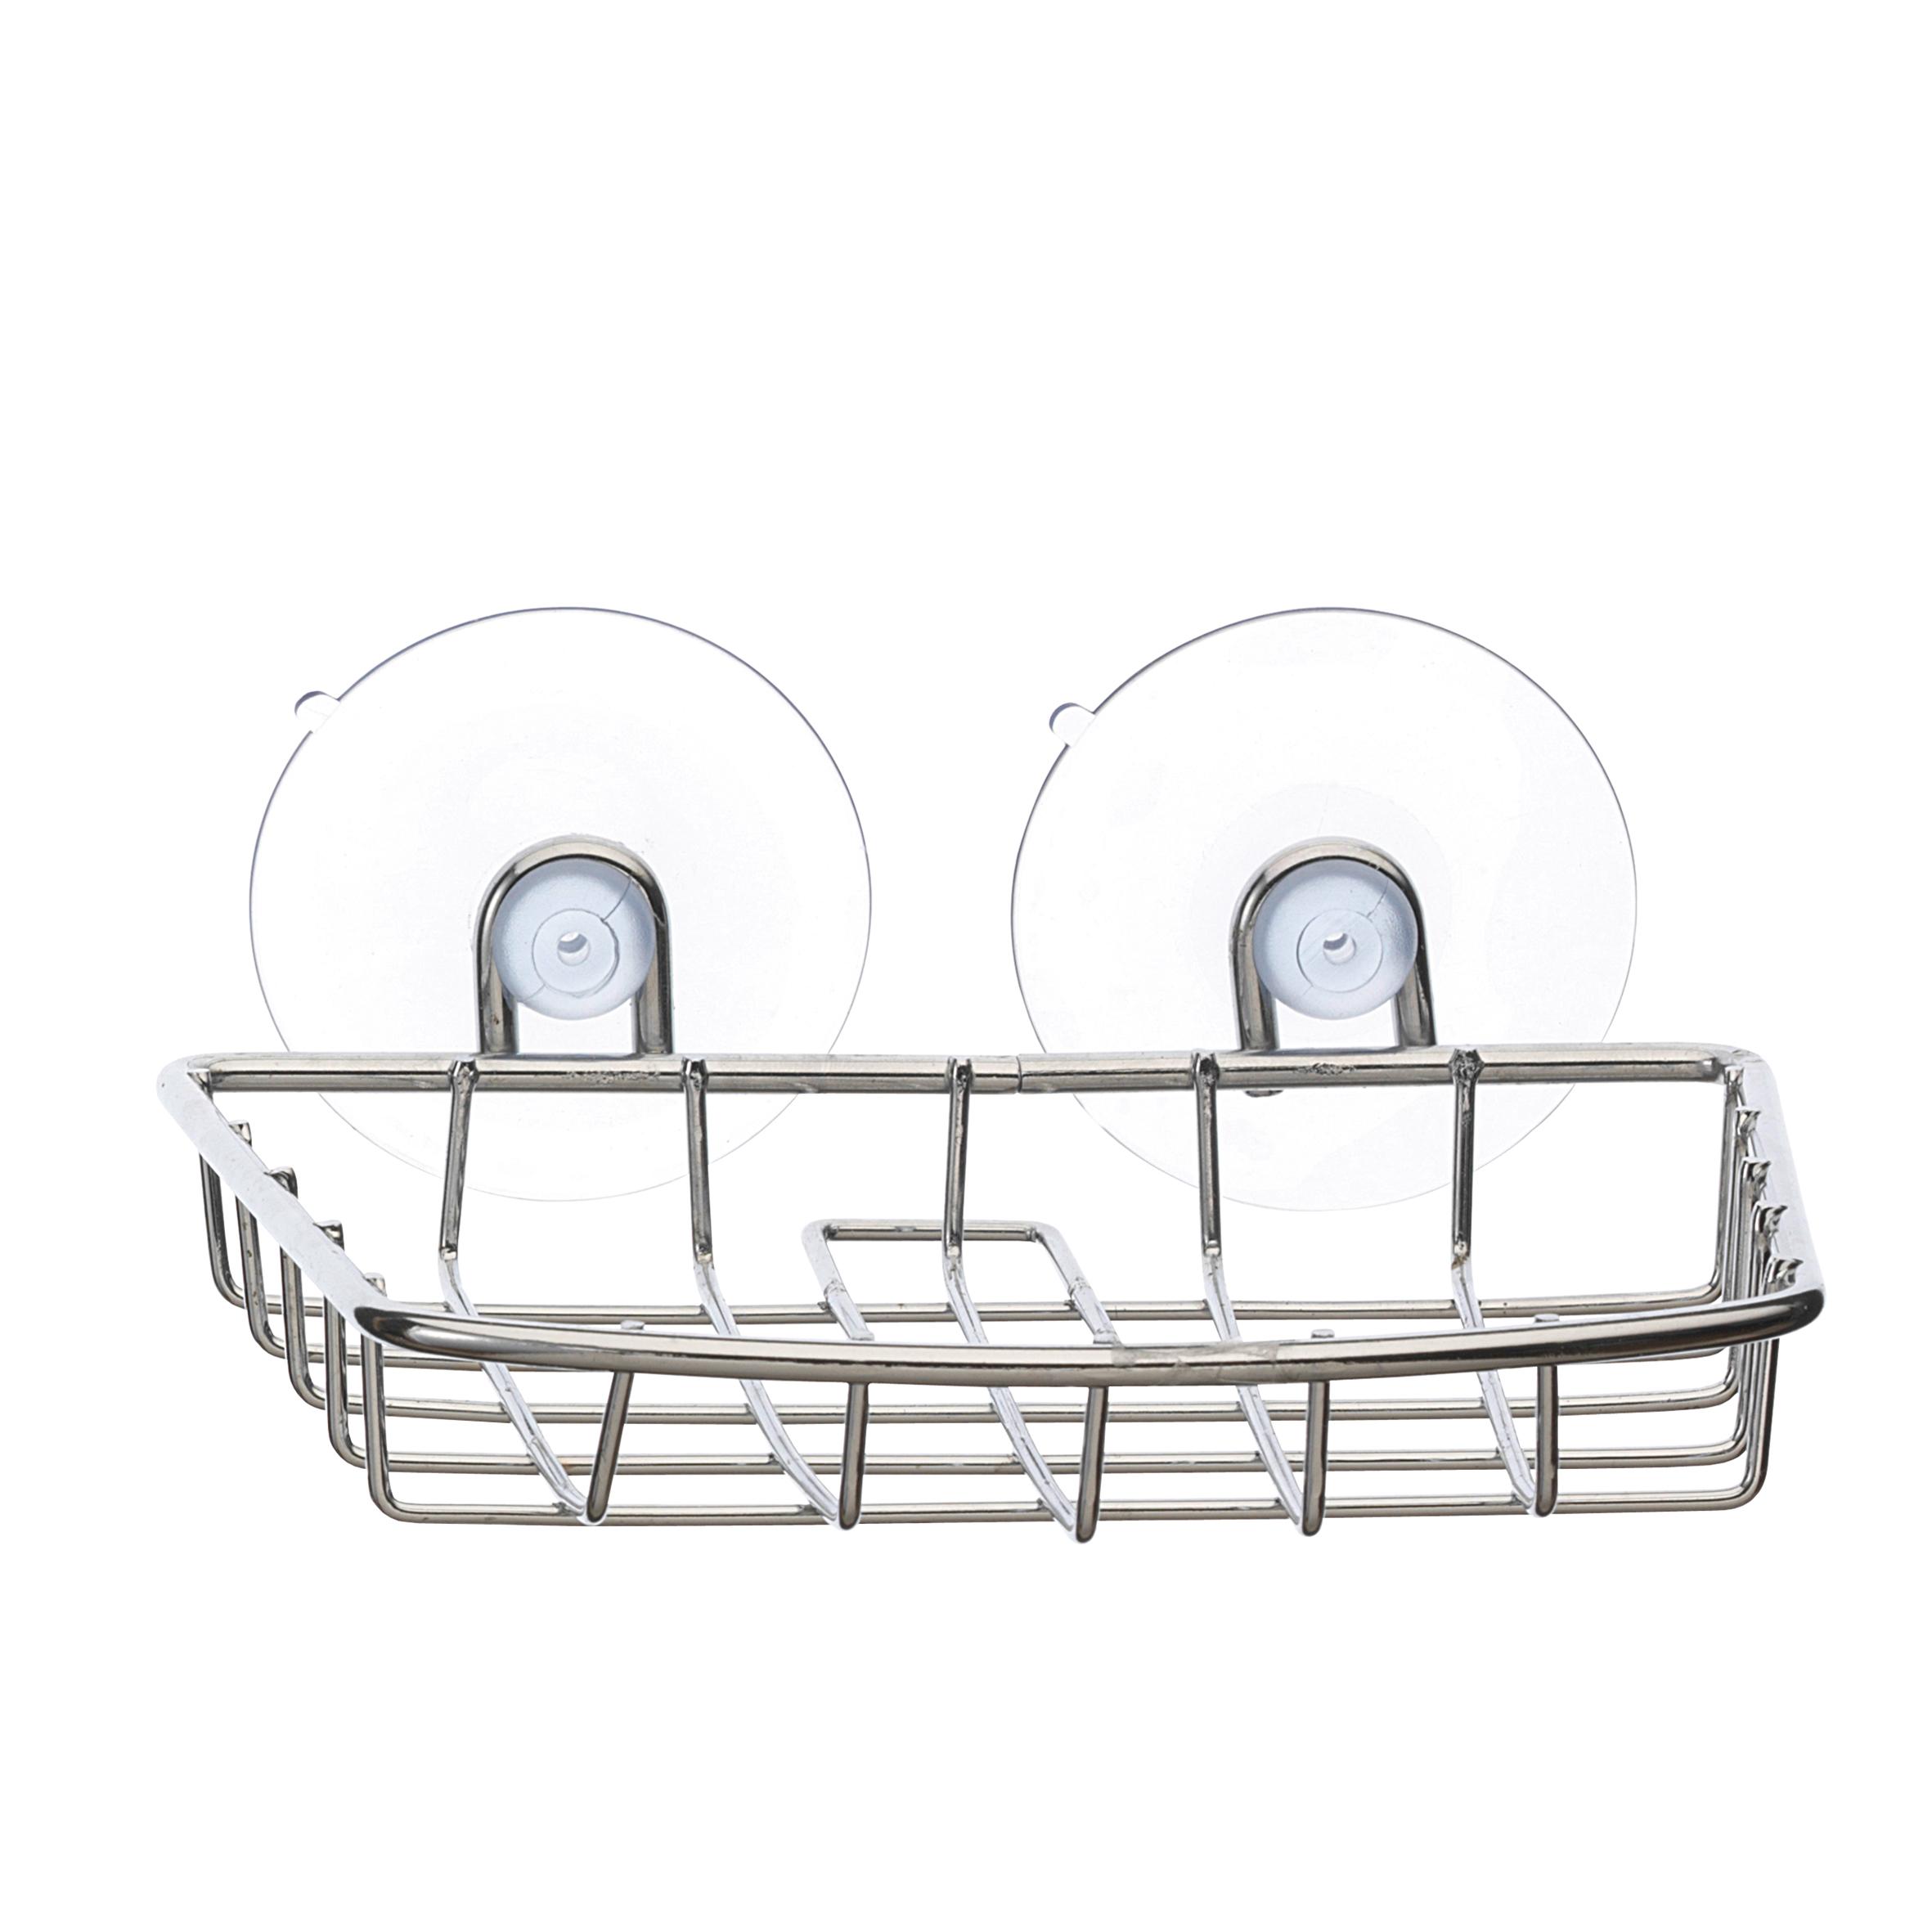 Мыльница Top Star, подвесная, на присосках391602Настенная мыльница Top Star изготовлена из высококачественной хромированной стали. Устойчива к коррозии в условиях высокой влажности в ванной комнате. Крепится к стене на двух присосках (входят в комплект).Такая мыльница притягивает взгляд и прекрасно подойдет к интерьеру ванной комнаты.